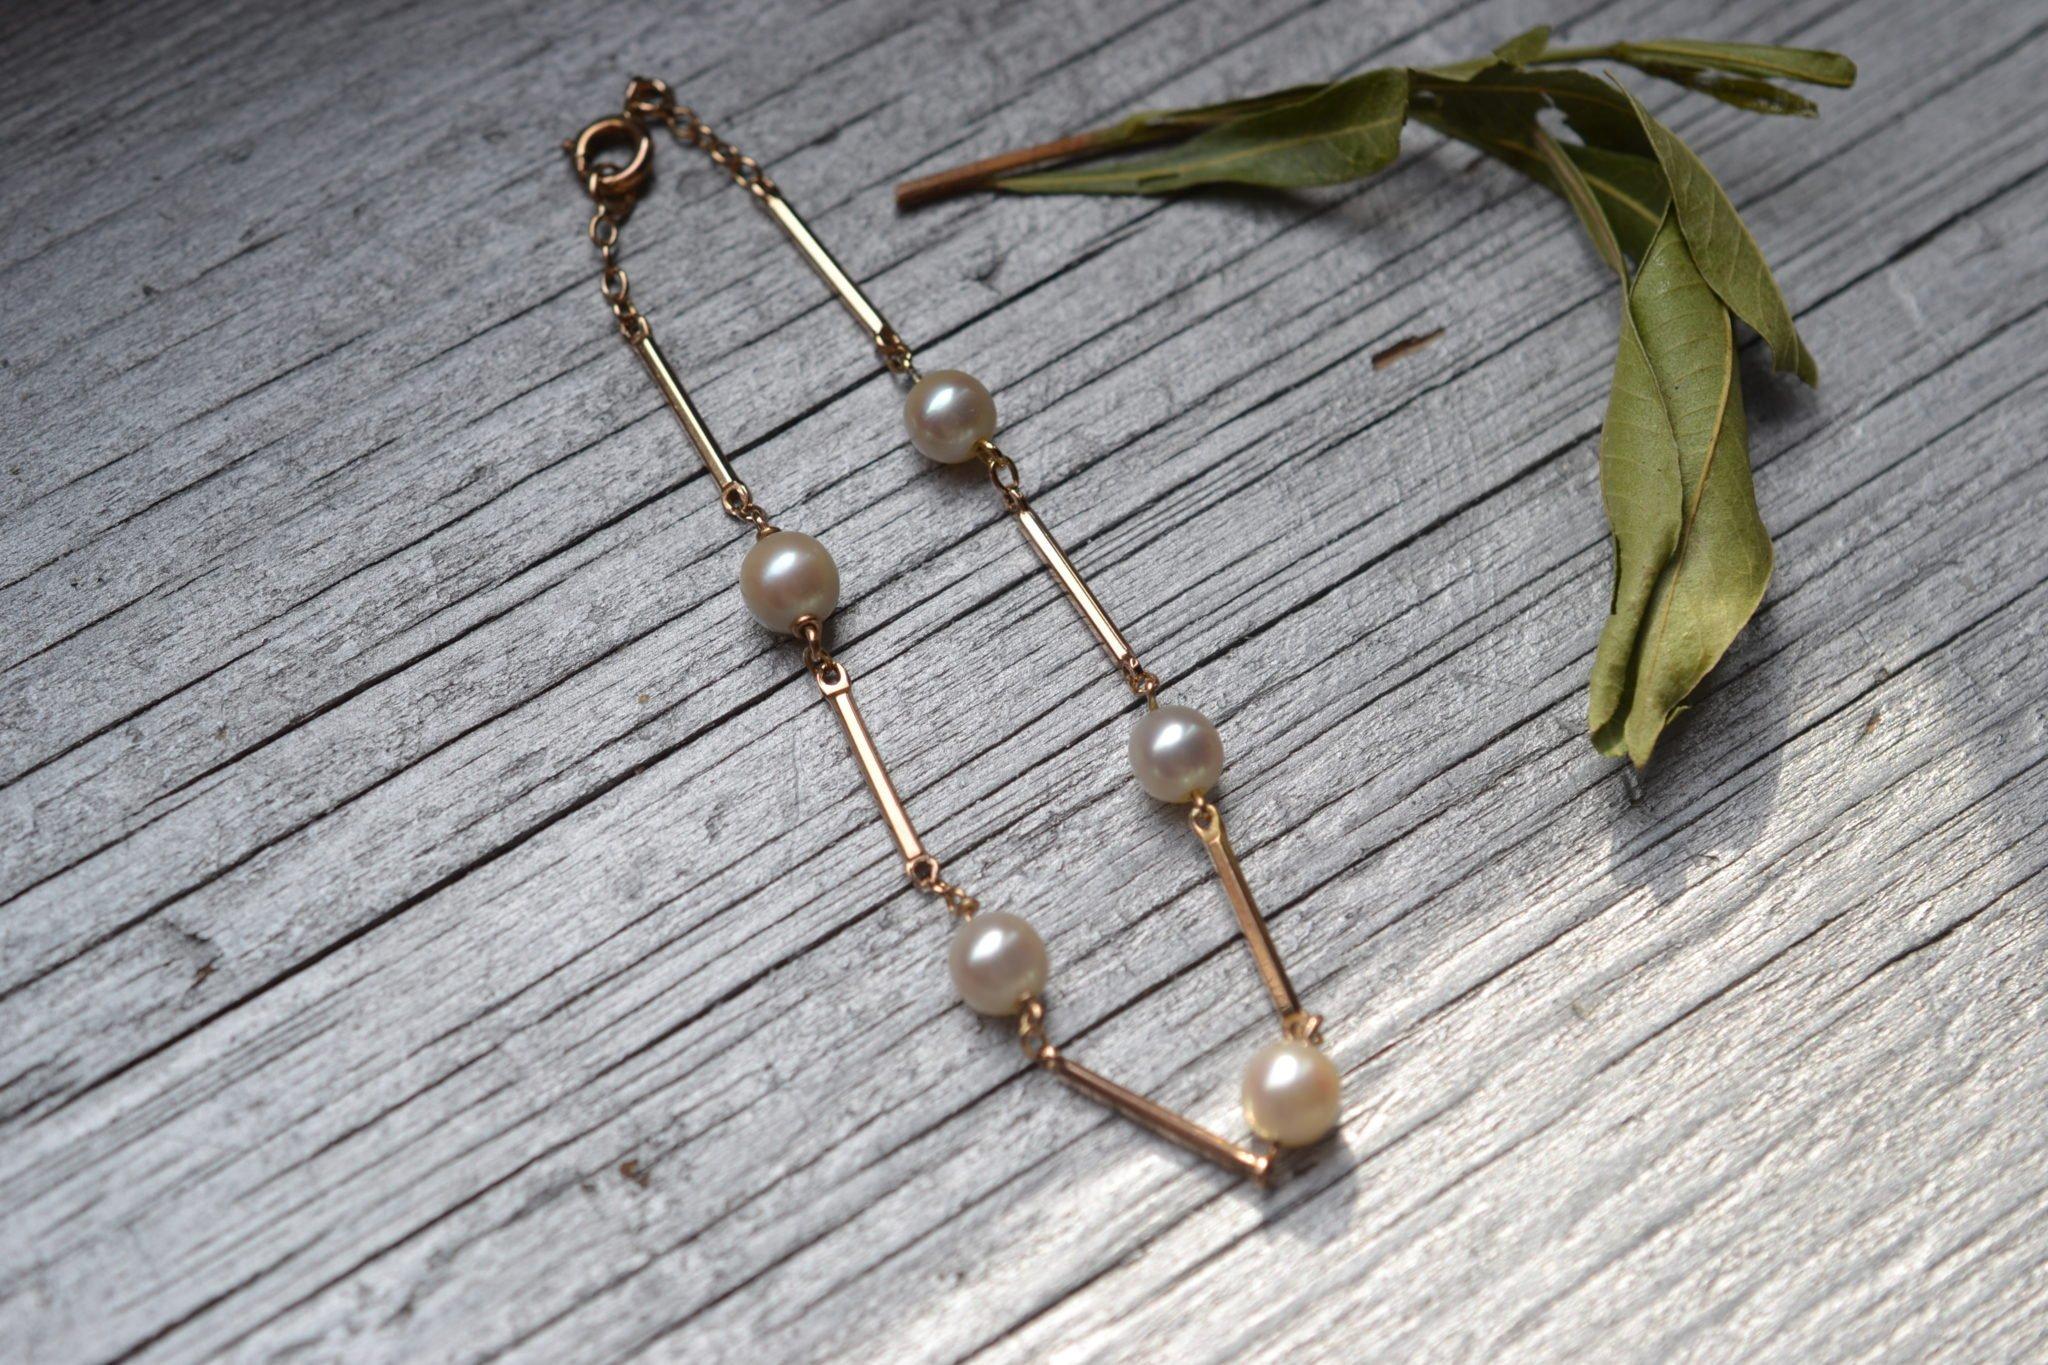 bracelet perles de culture et or jaune 18 carats - bijou vintage seconde main - bijouterie ecoresponsable